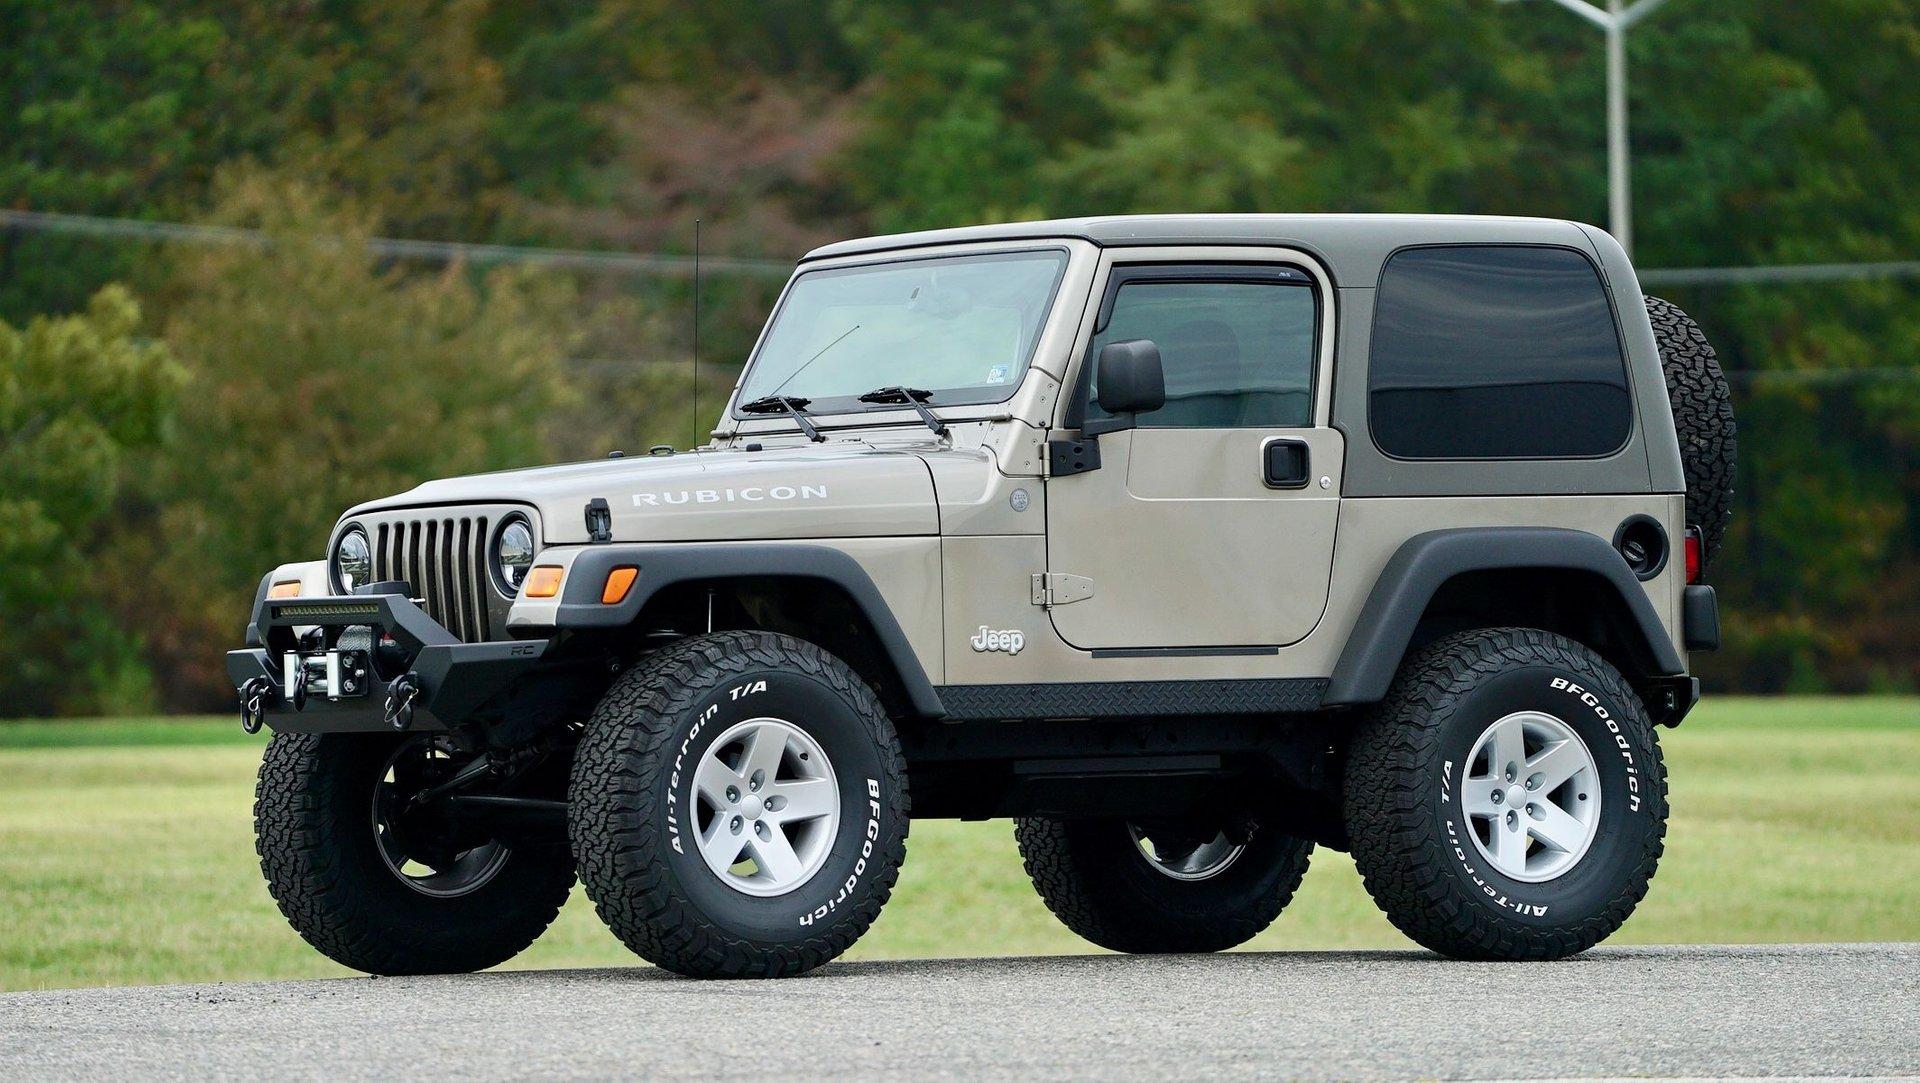 2004 jeep wrangler 2dr rubicon